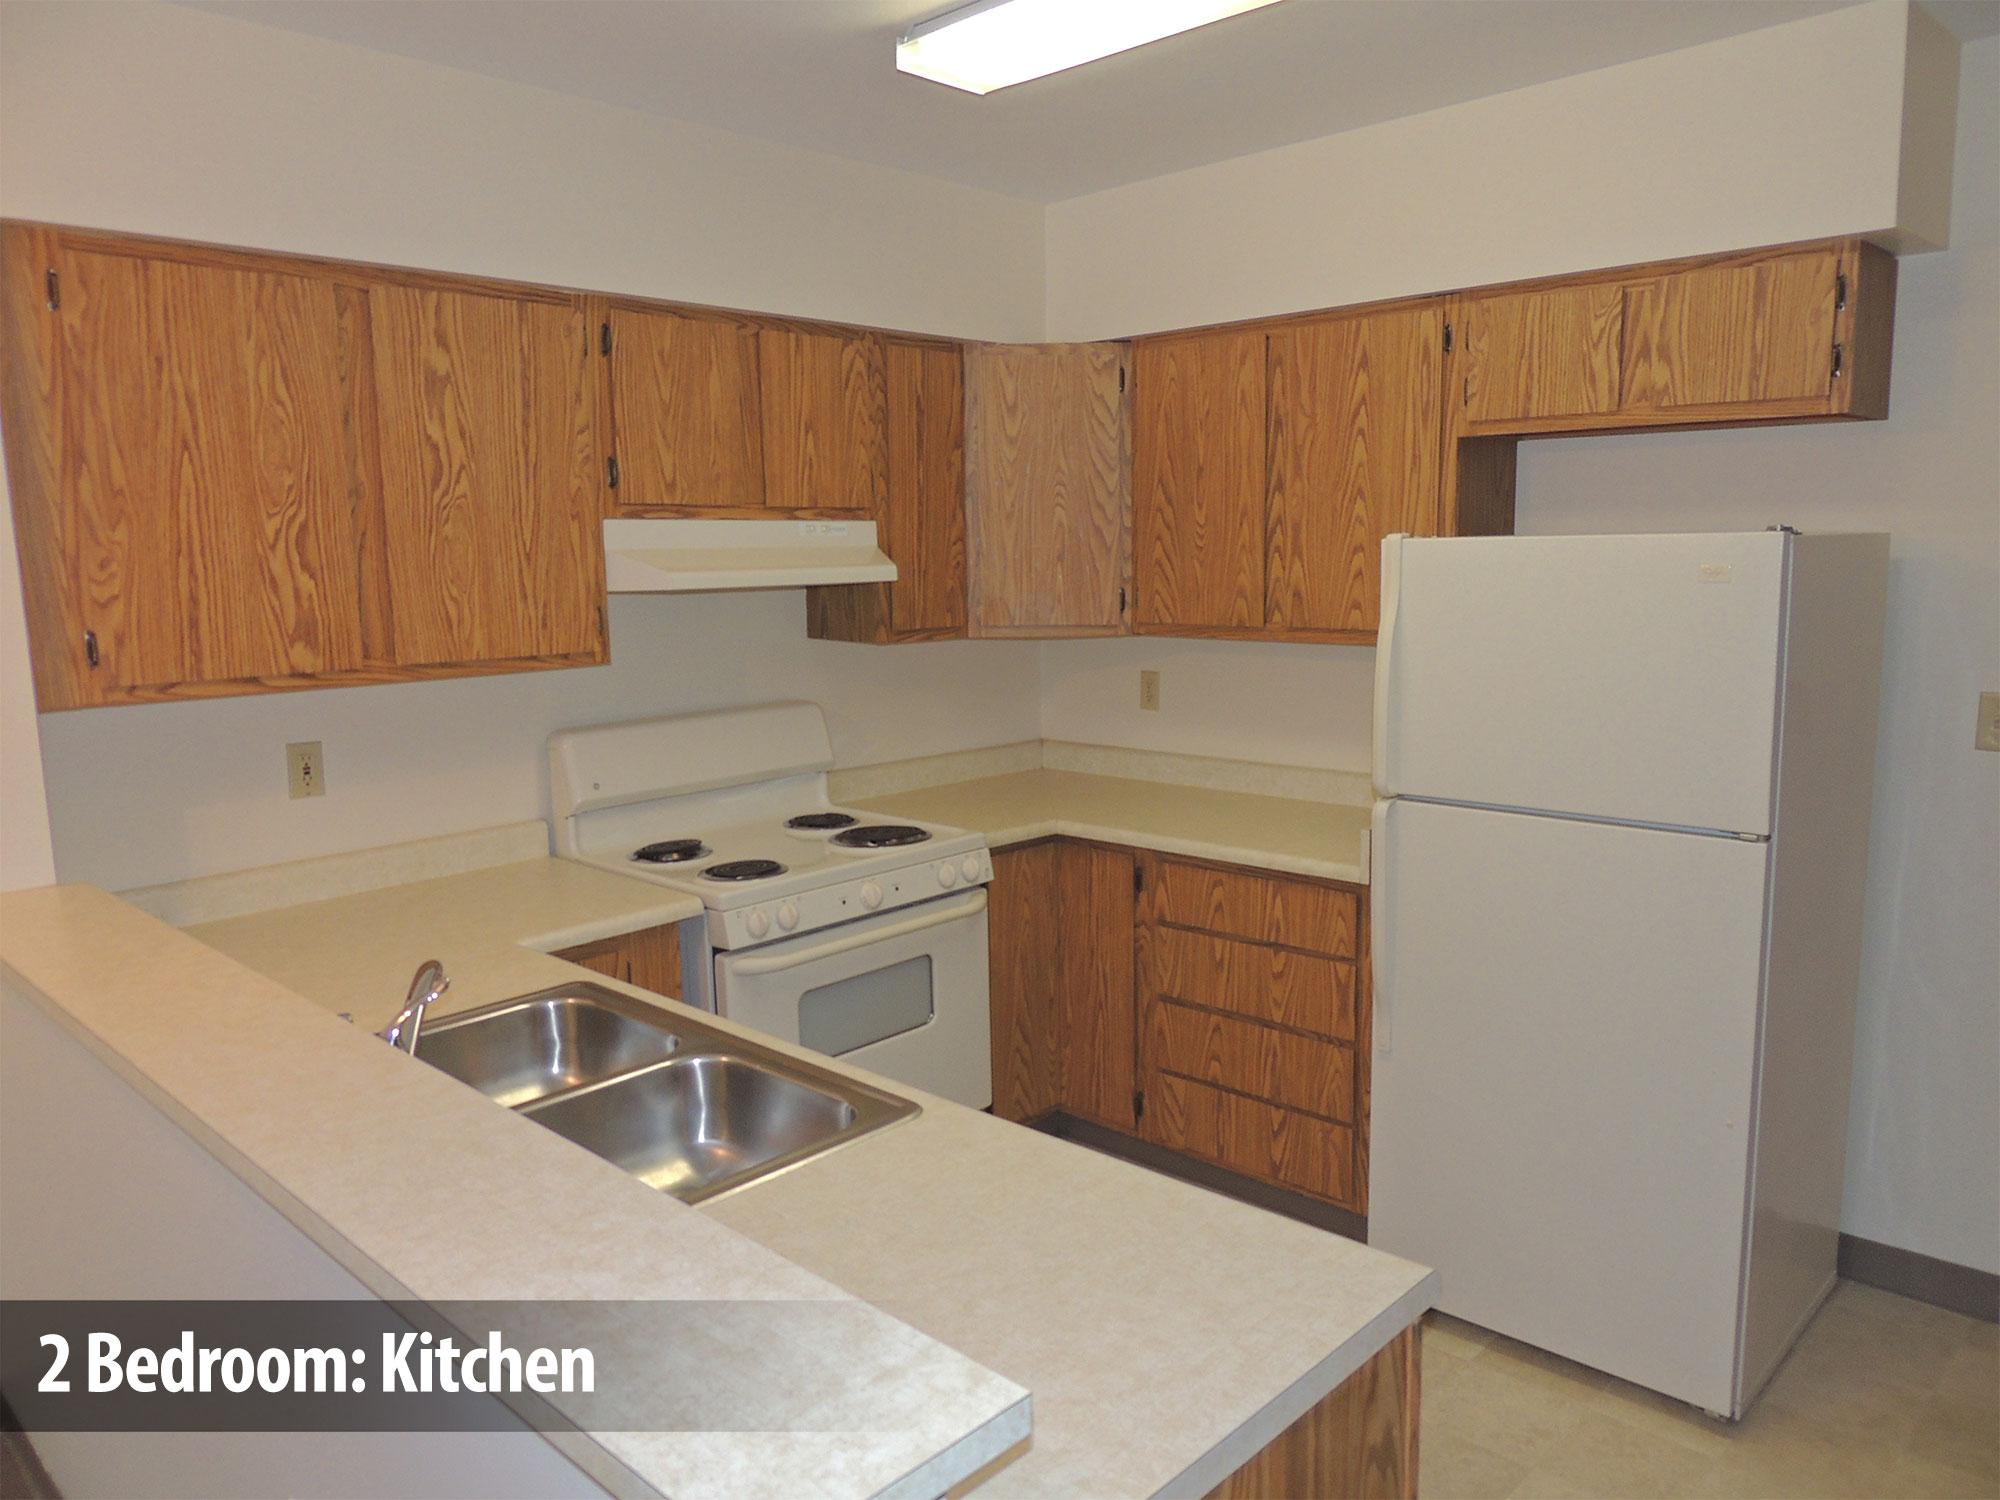 2br-kitchen